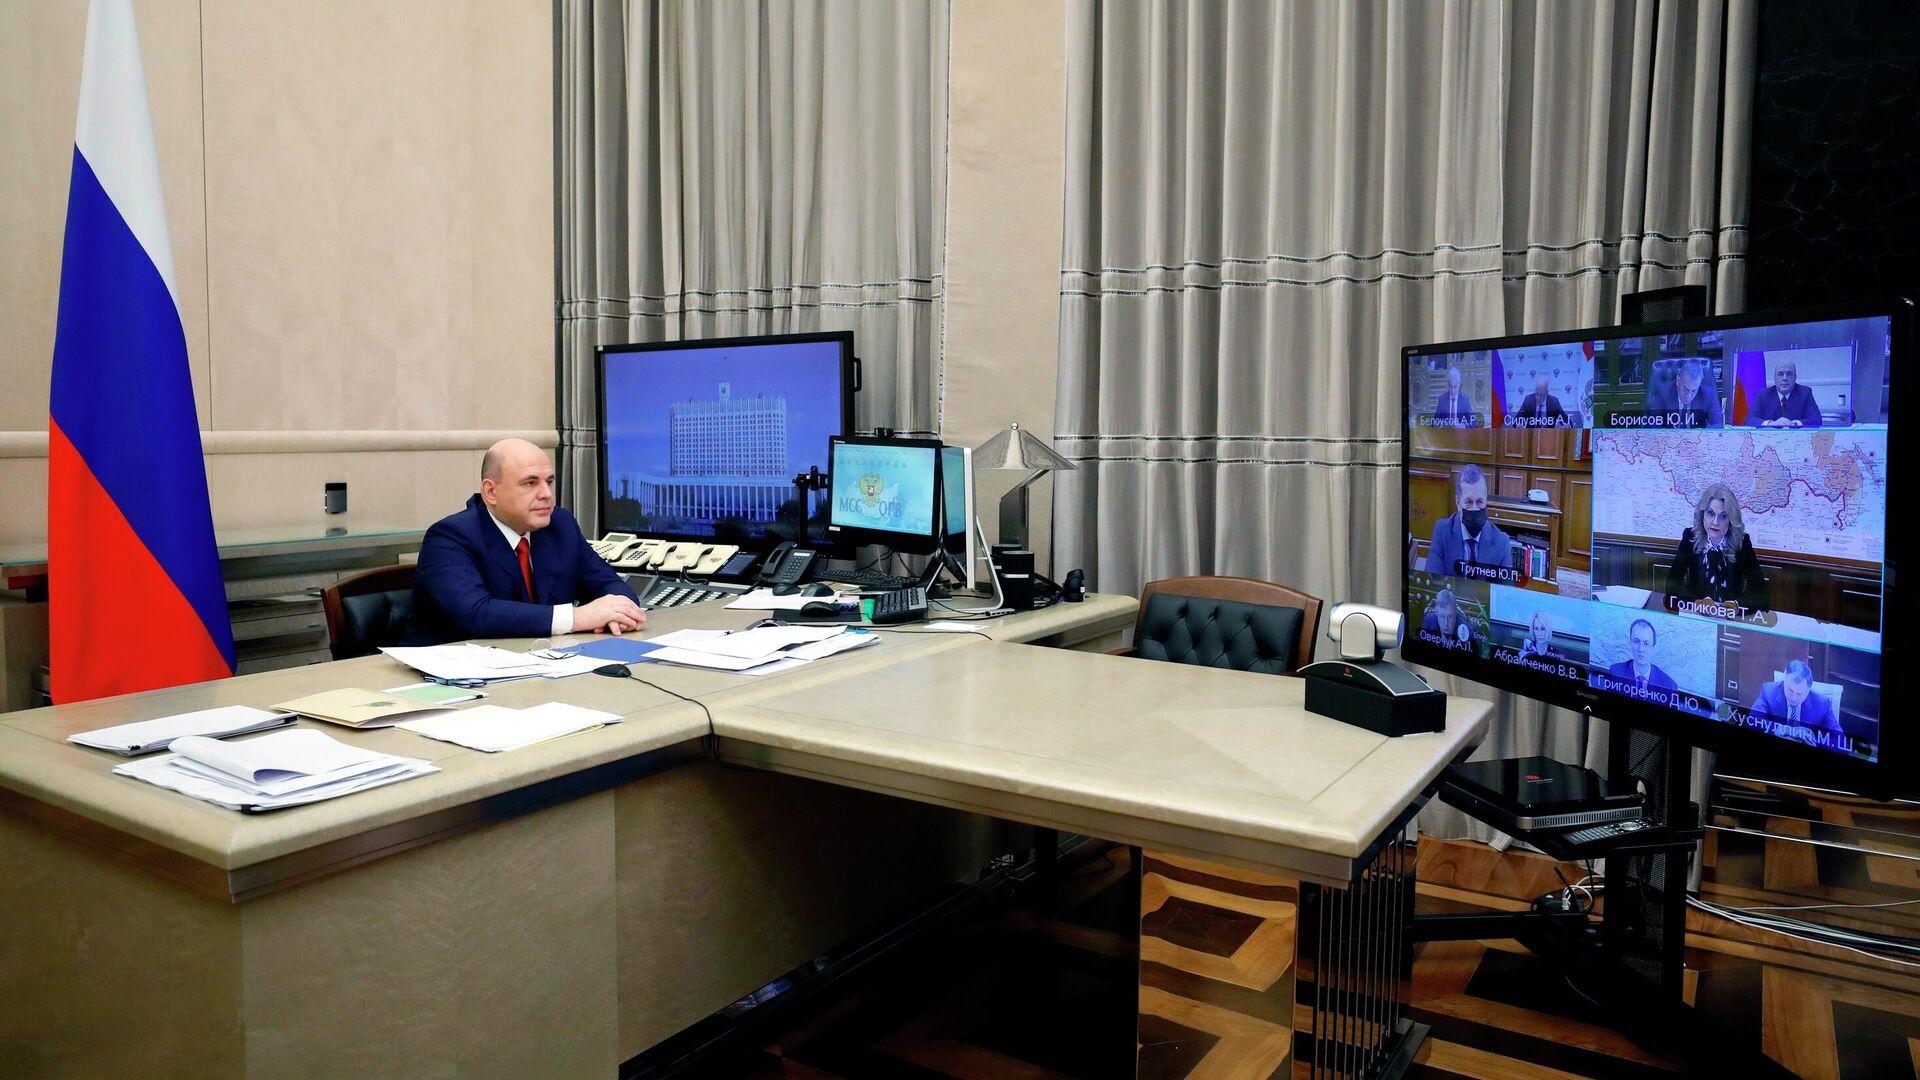 Председатель правительства РФ Михаил Мишустин проводит оперативное совещание в режиме видеоконференции - РИА Новости, 1920, 06.06.2020